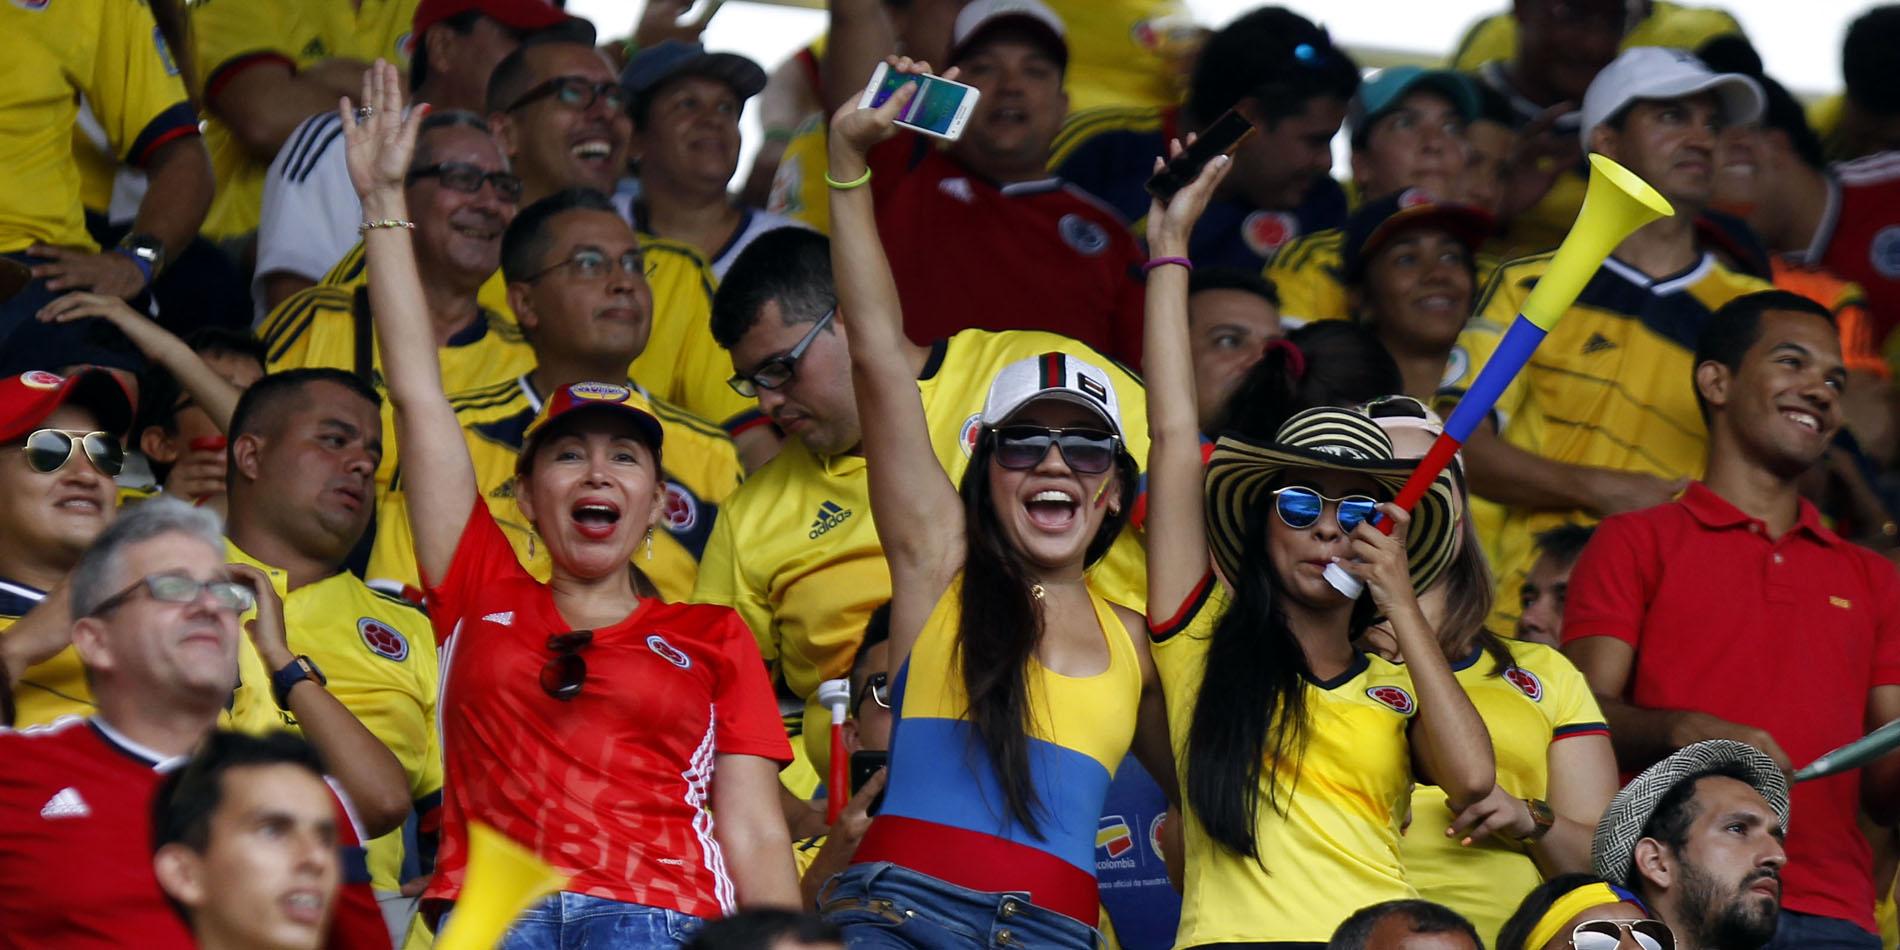 Colombia vuelve a ser el segundo país más feliz del mundo - Salud -  ELTIEMPO.COM